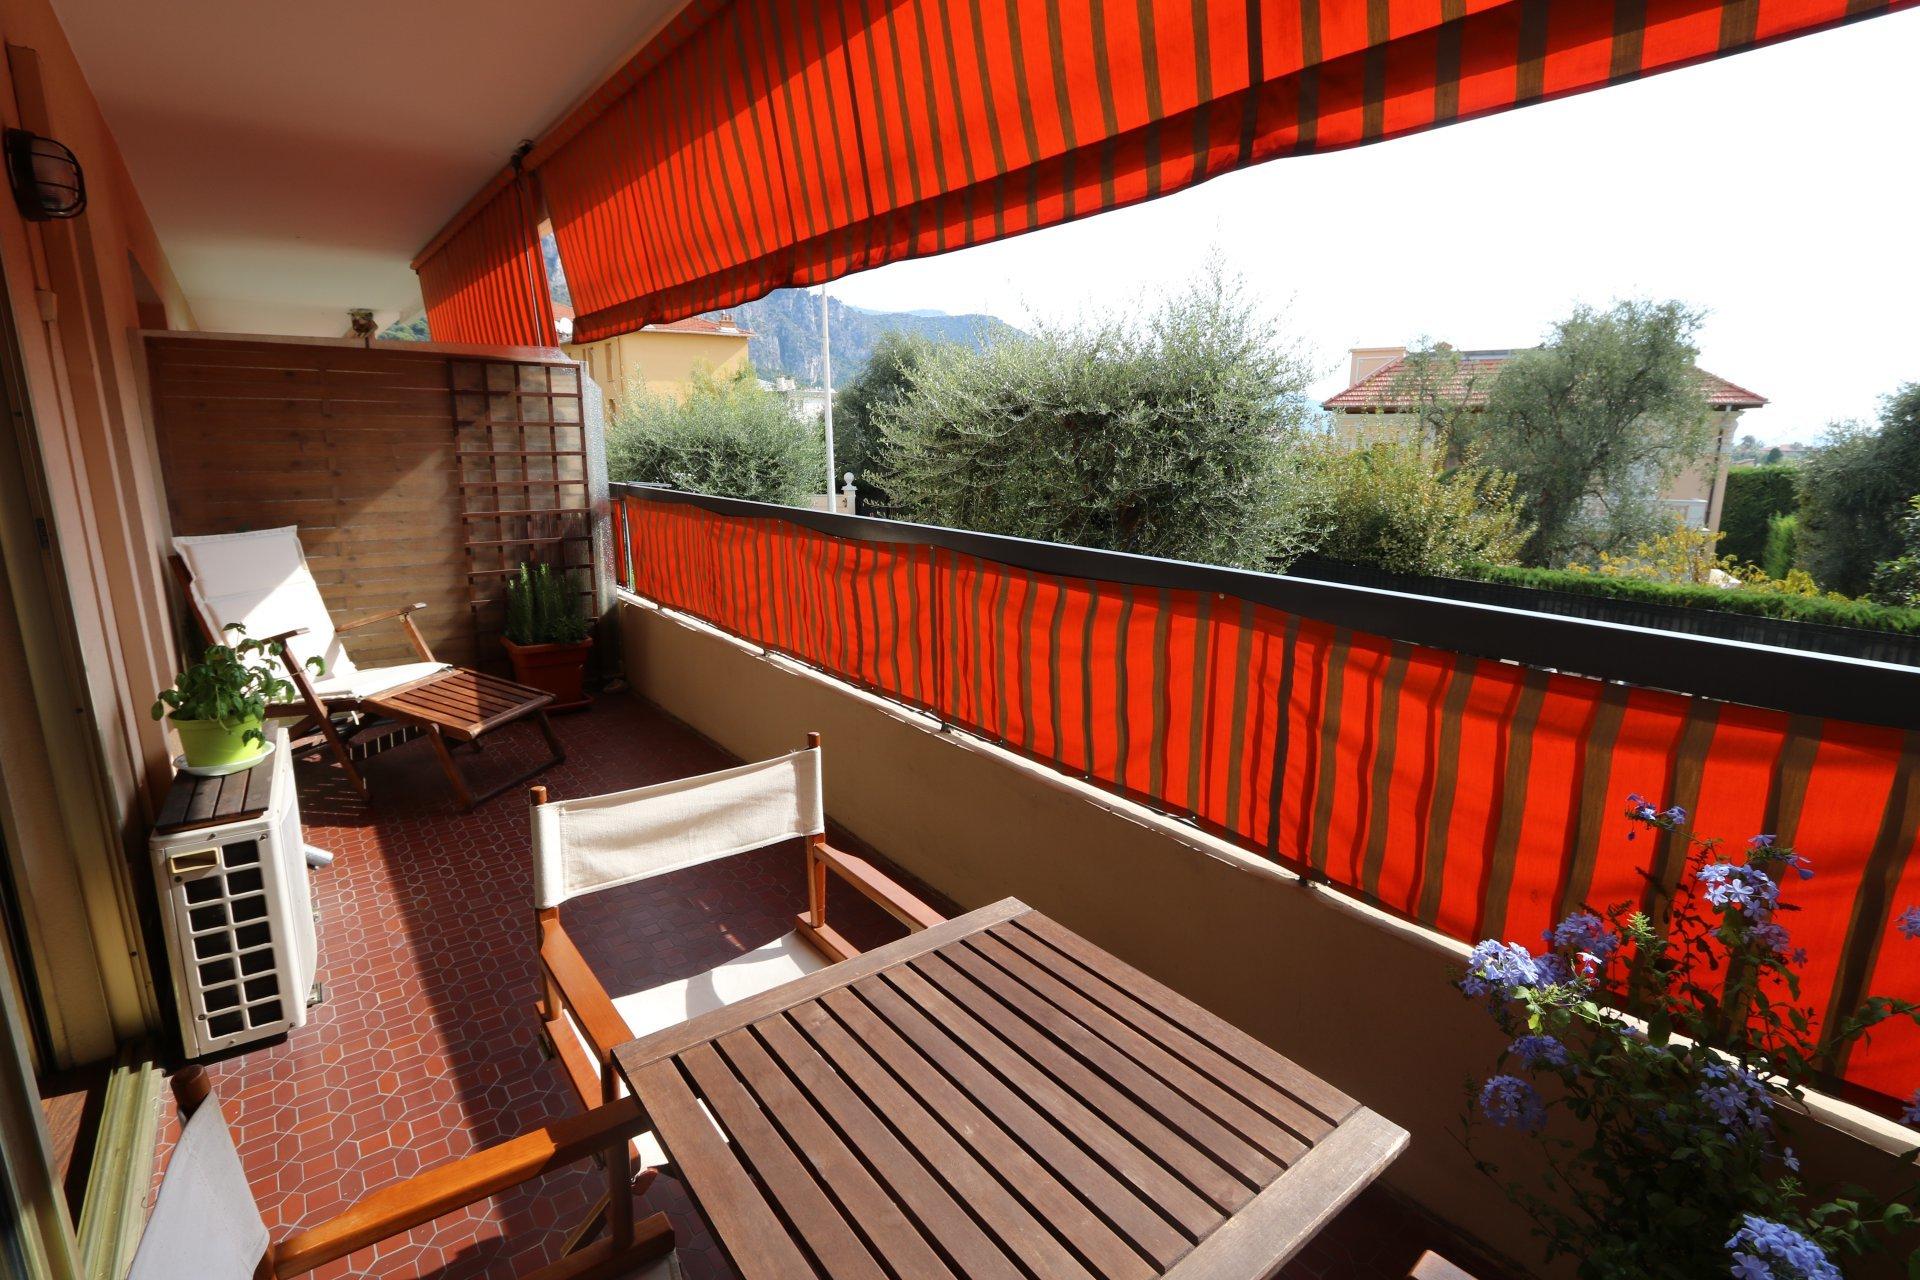 Beaulieu s/m, studio de 35 m avec terrasse, en parfait état